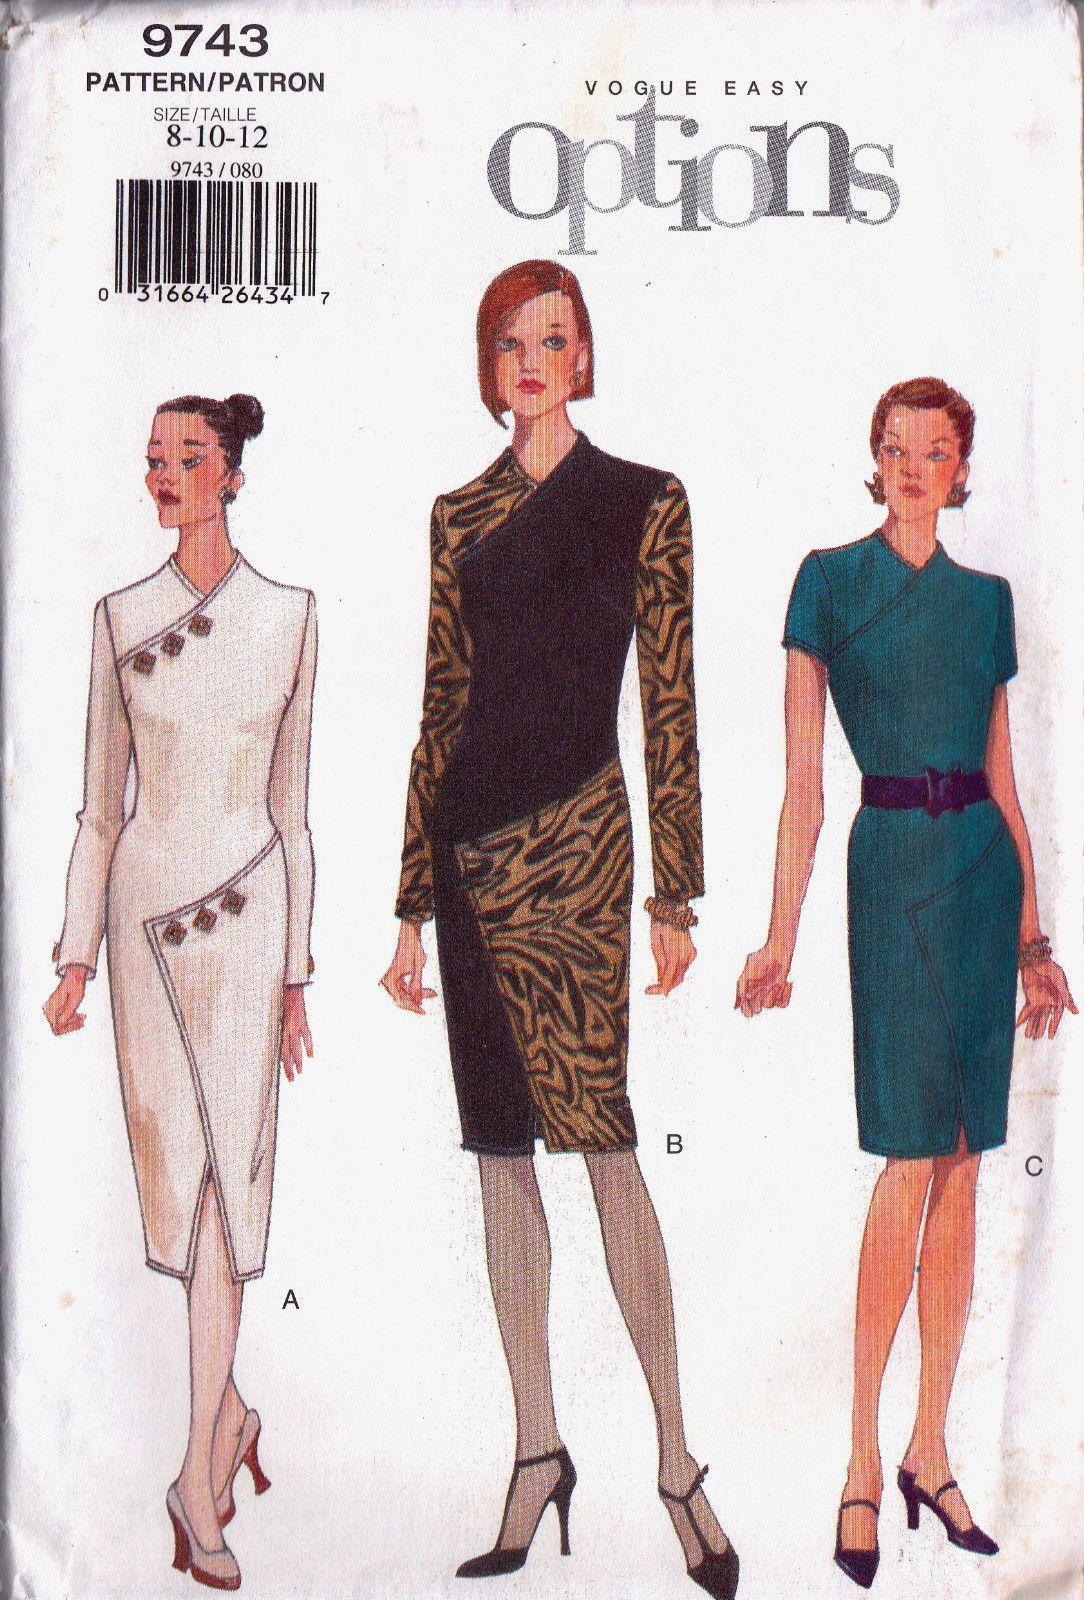 Vogue options sew pattern 9743 cheongsam style dress 8 10 12 vogue options sew pattern 9743 cheongsam style dress 8 10 12 ebay jeuxipadfo Choice Image